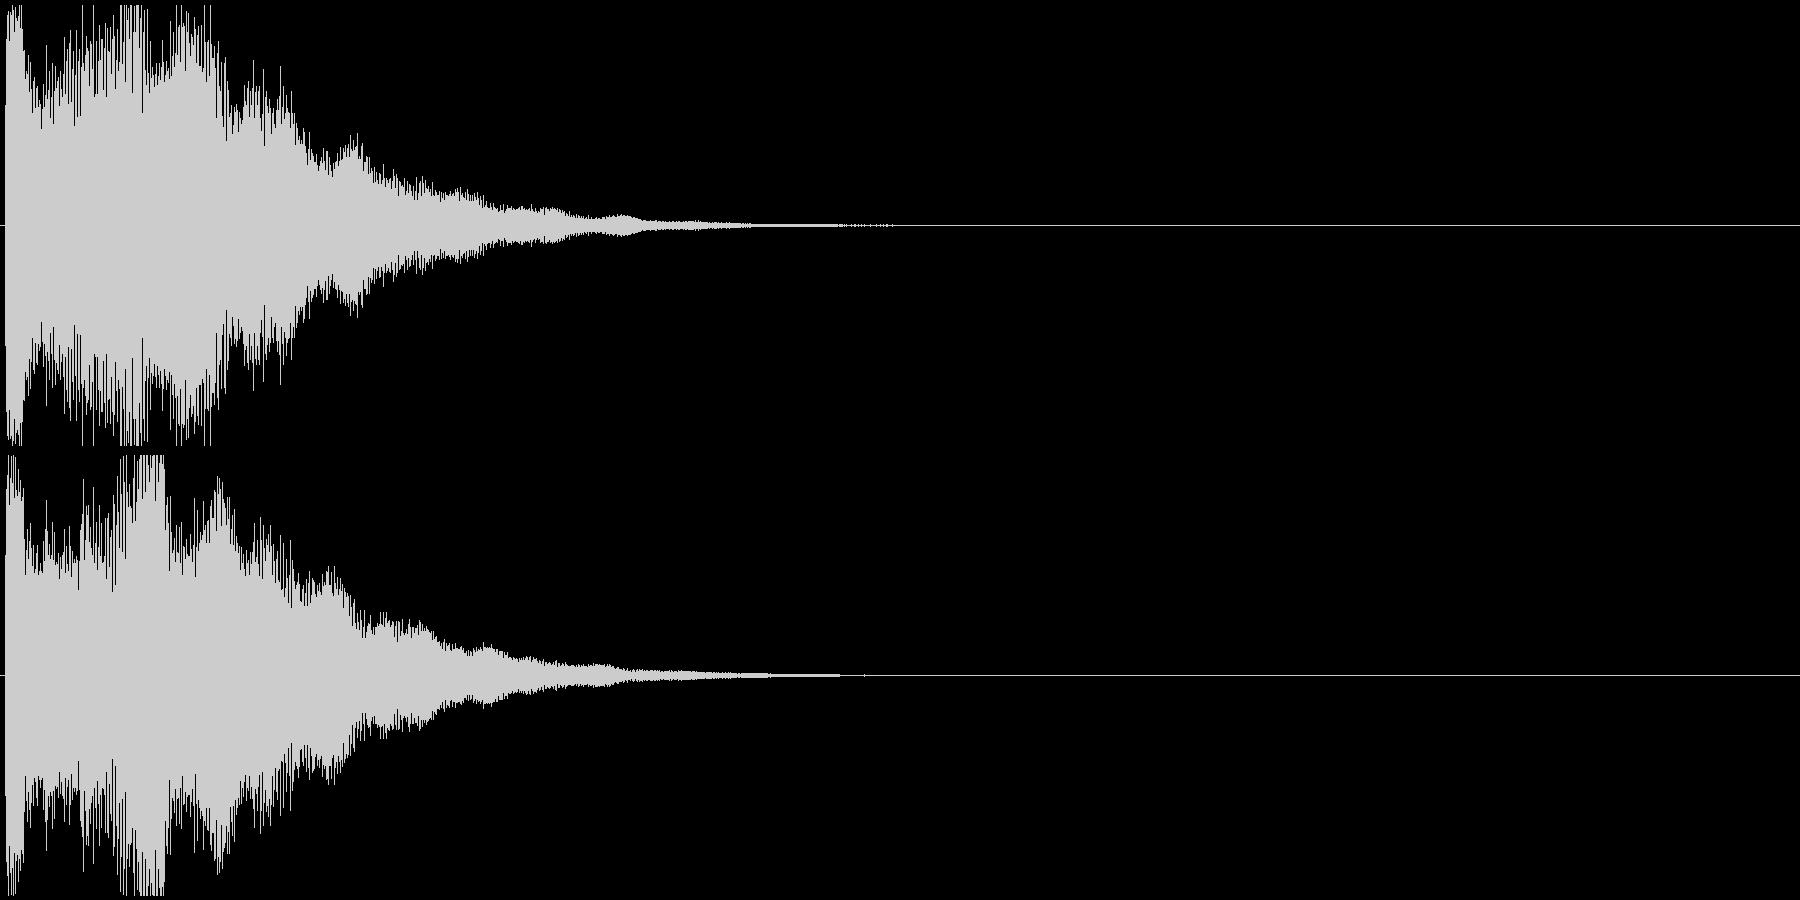 「お知らせ音」インフォメーション/告知の未再生の波形